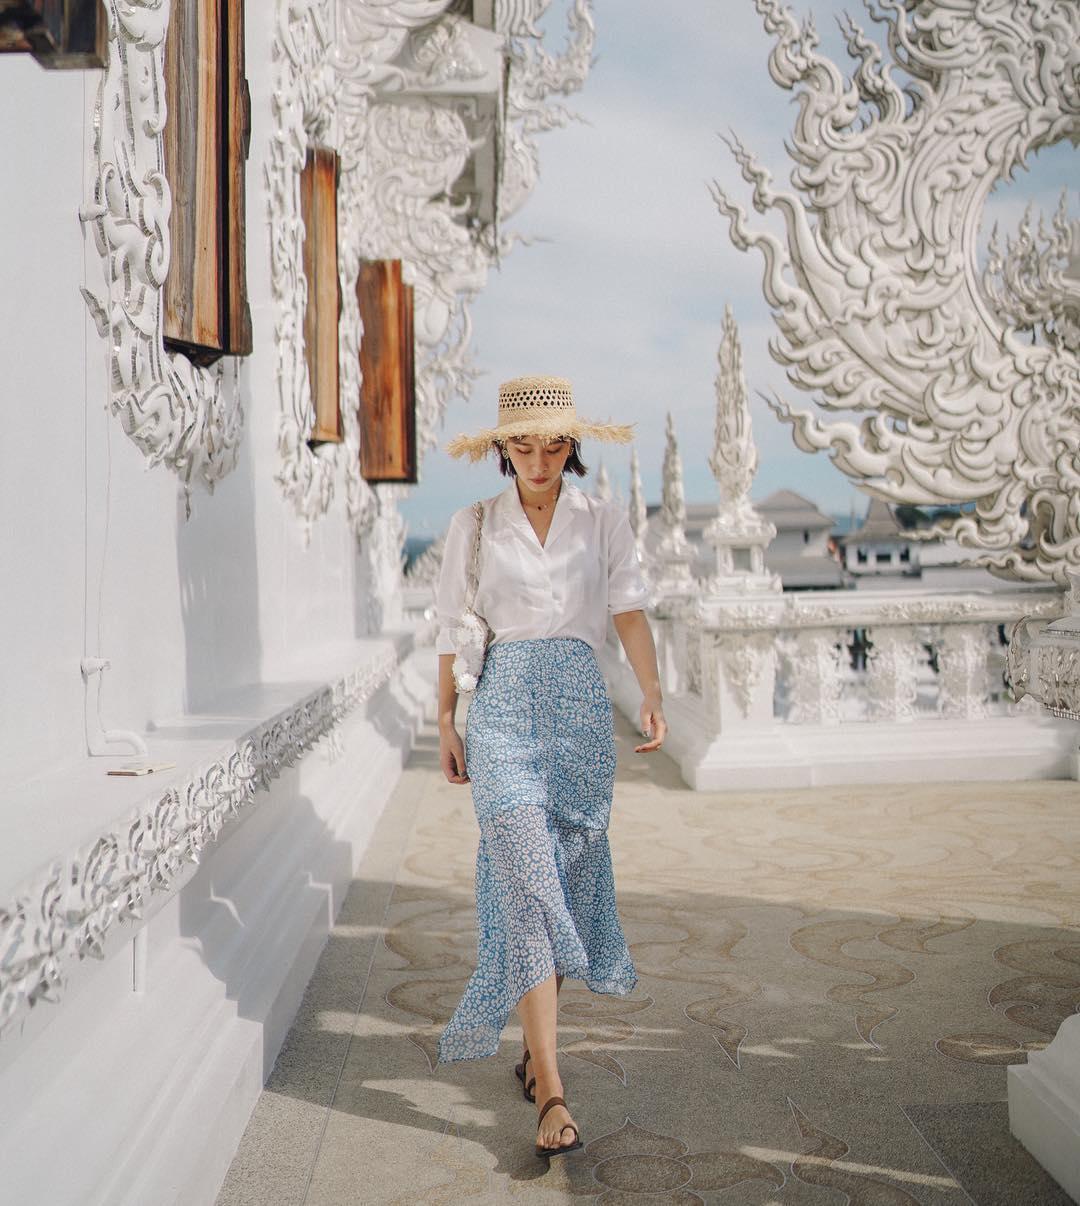 iris mặc chân váy đuôi cá với áo sơ mi trắng mùa hè